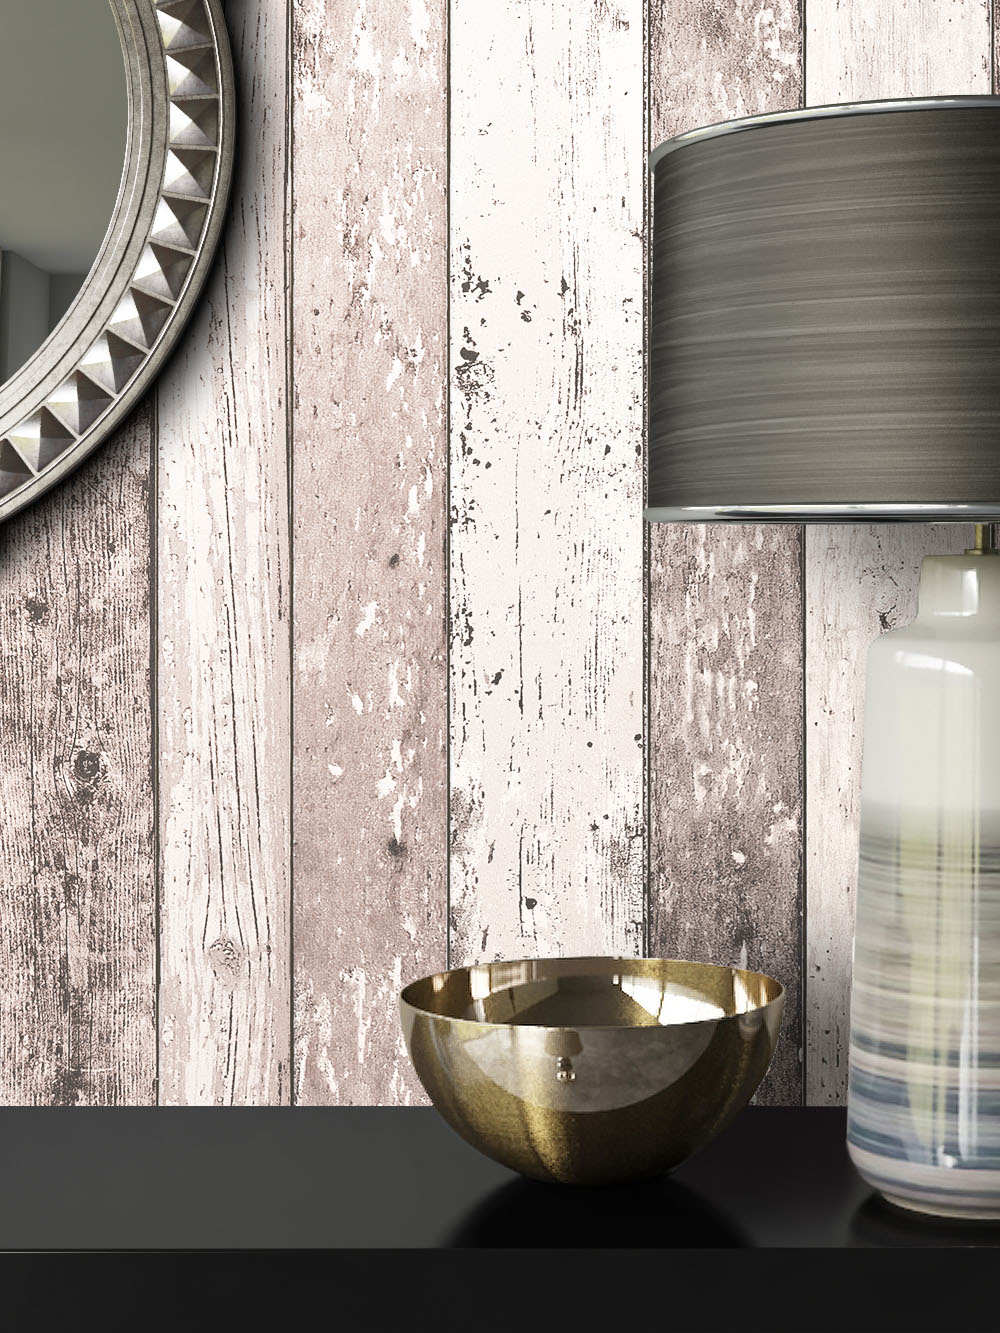 newroom holztapete vliestapete braun holzbalken holz landhaus creme vintage 3d ebay. Black Bedroom Furniture Sets. Home Design Ideas